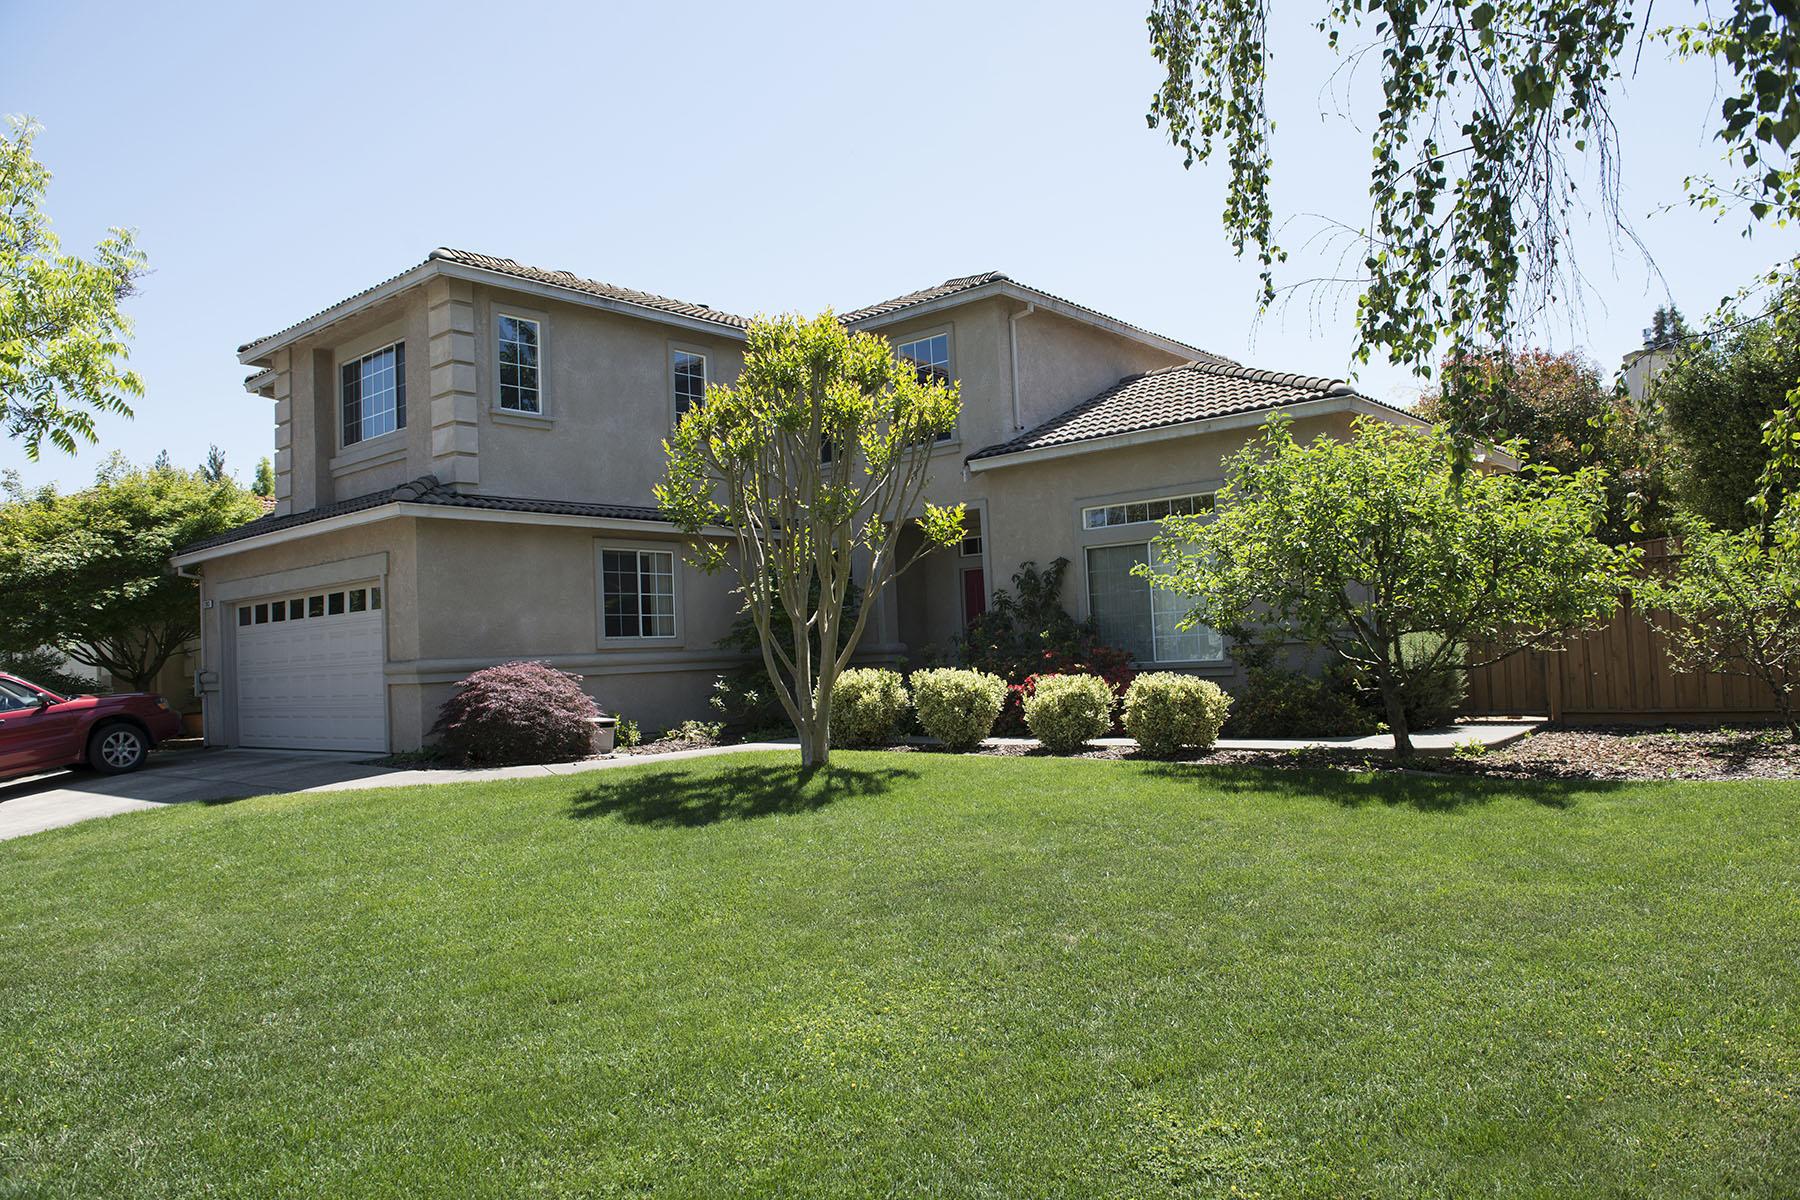 Частный односемейный дом для того Продажа на 1203 Cayetano Dr, Napa, CA 94559 1203 Cayetano Dr Napa, Калифорния, 94559 Соединенные Штаты